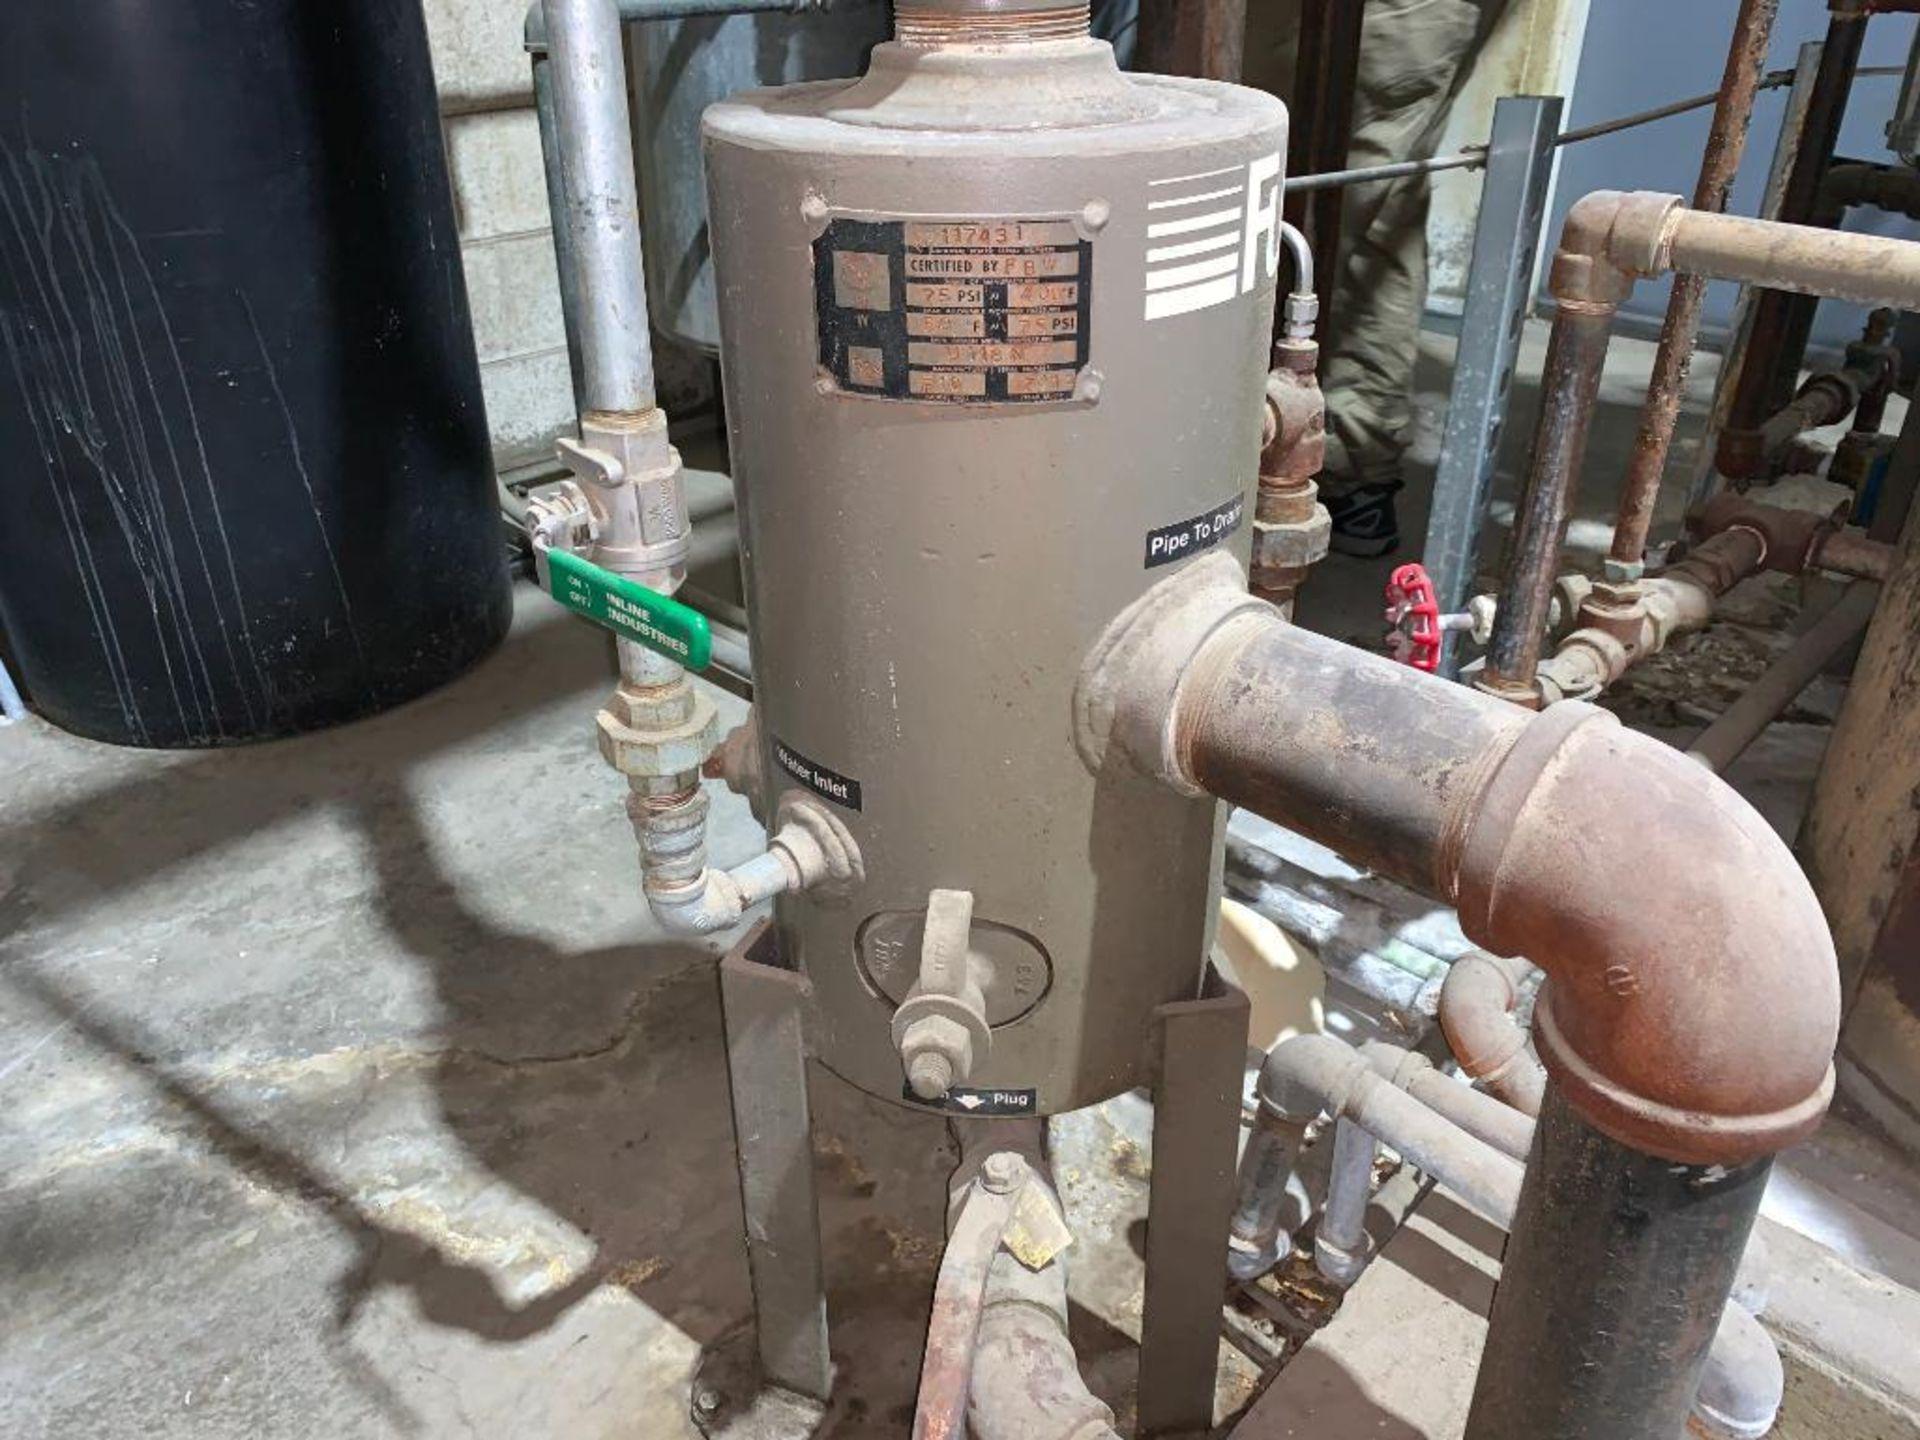 2014 Fulton steam boiler - Image 11 of 23